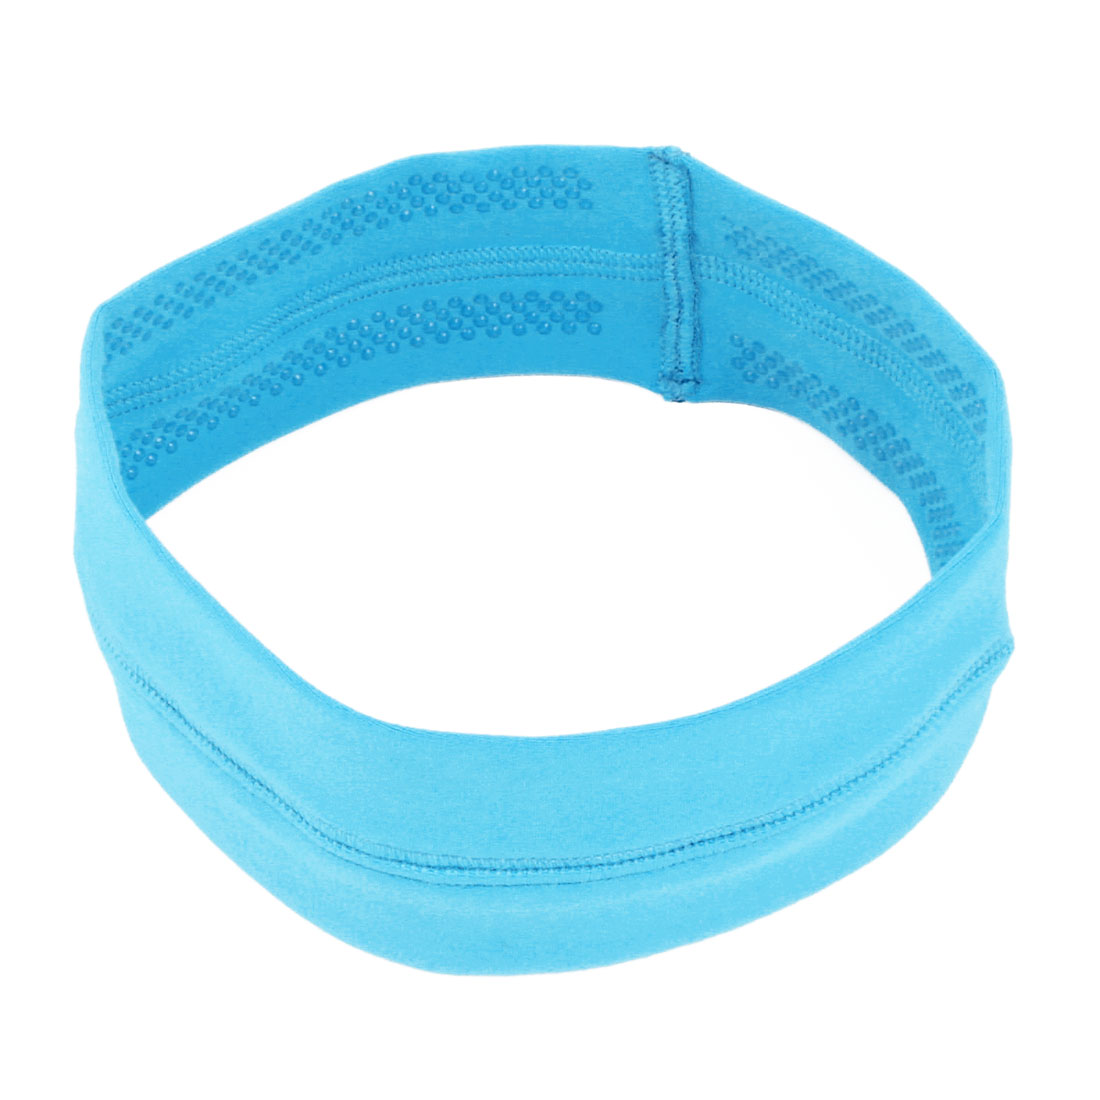 Athletic Silicone Elastic Non-slip Sports Headband Headwrap Fluorescent